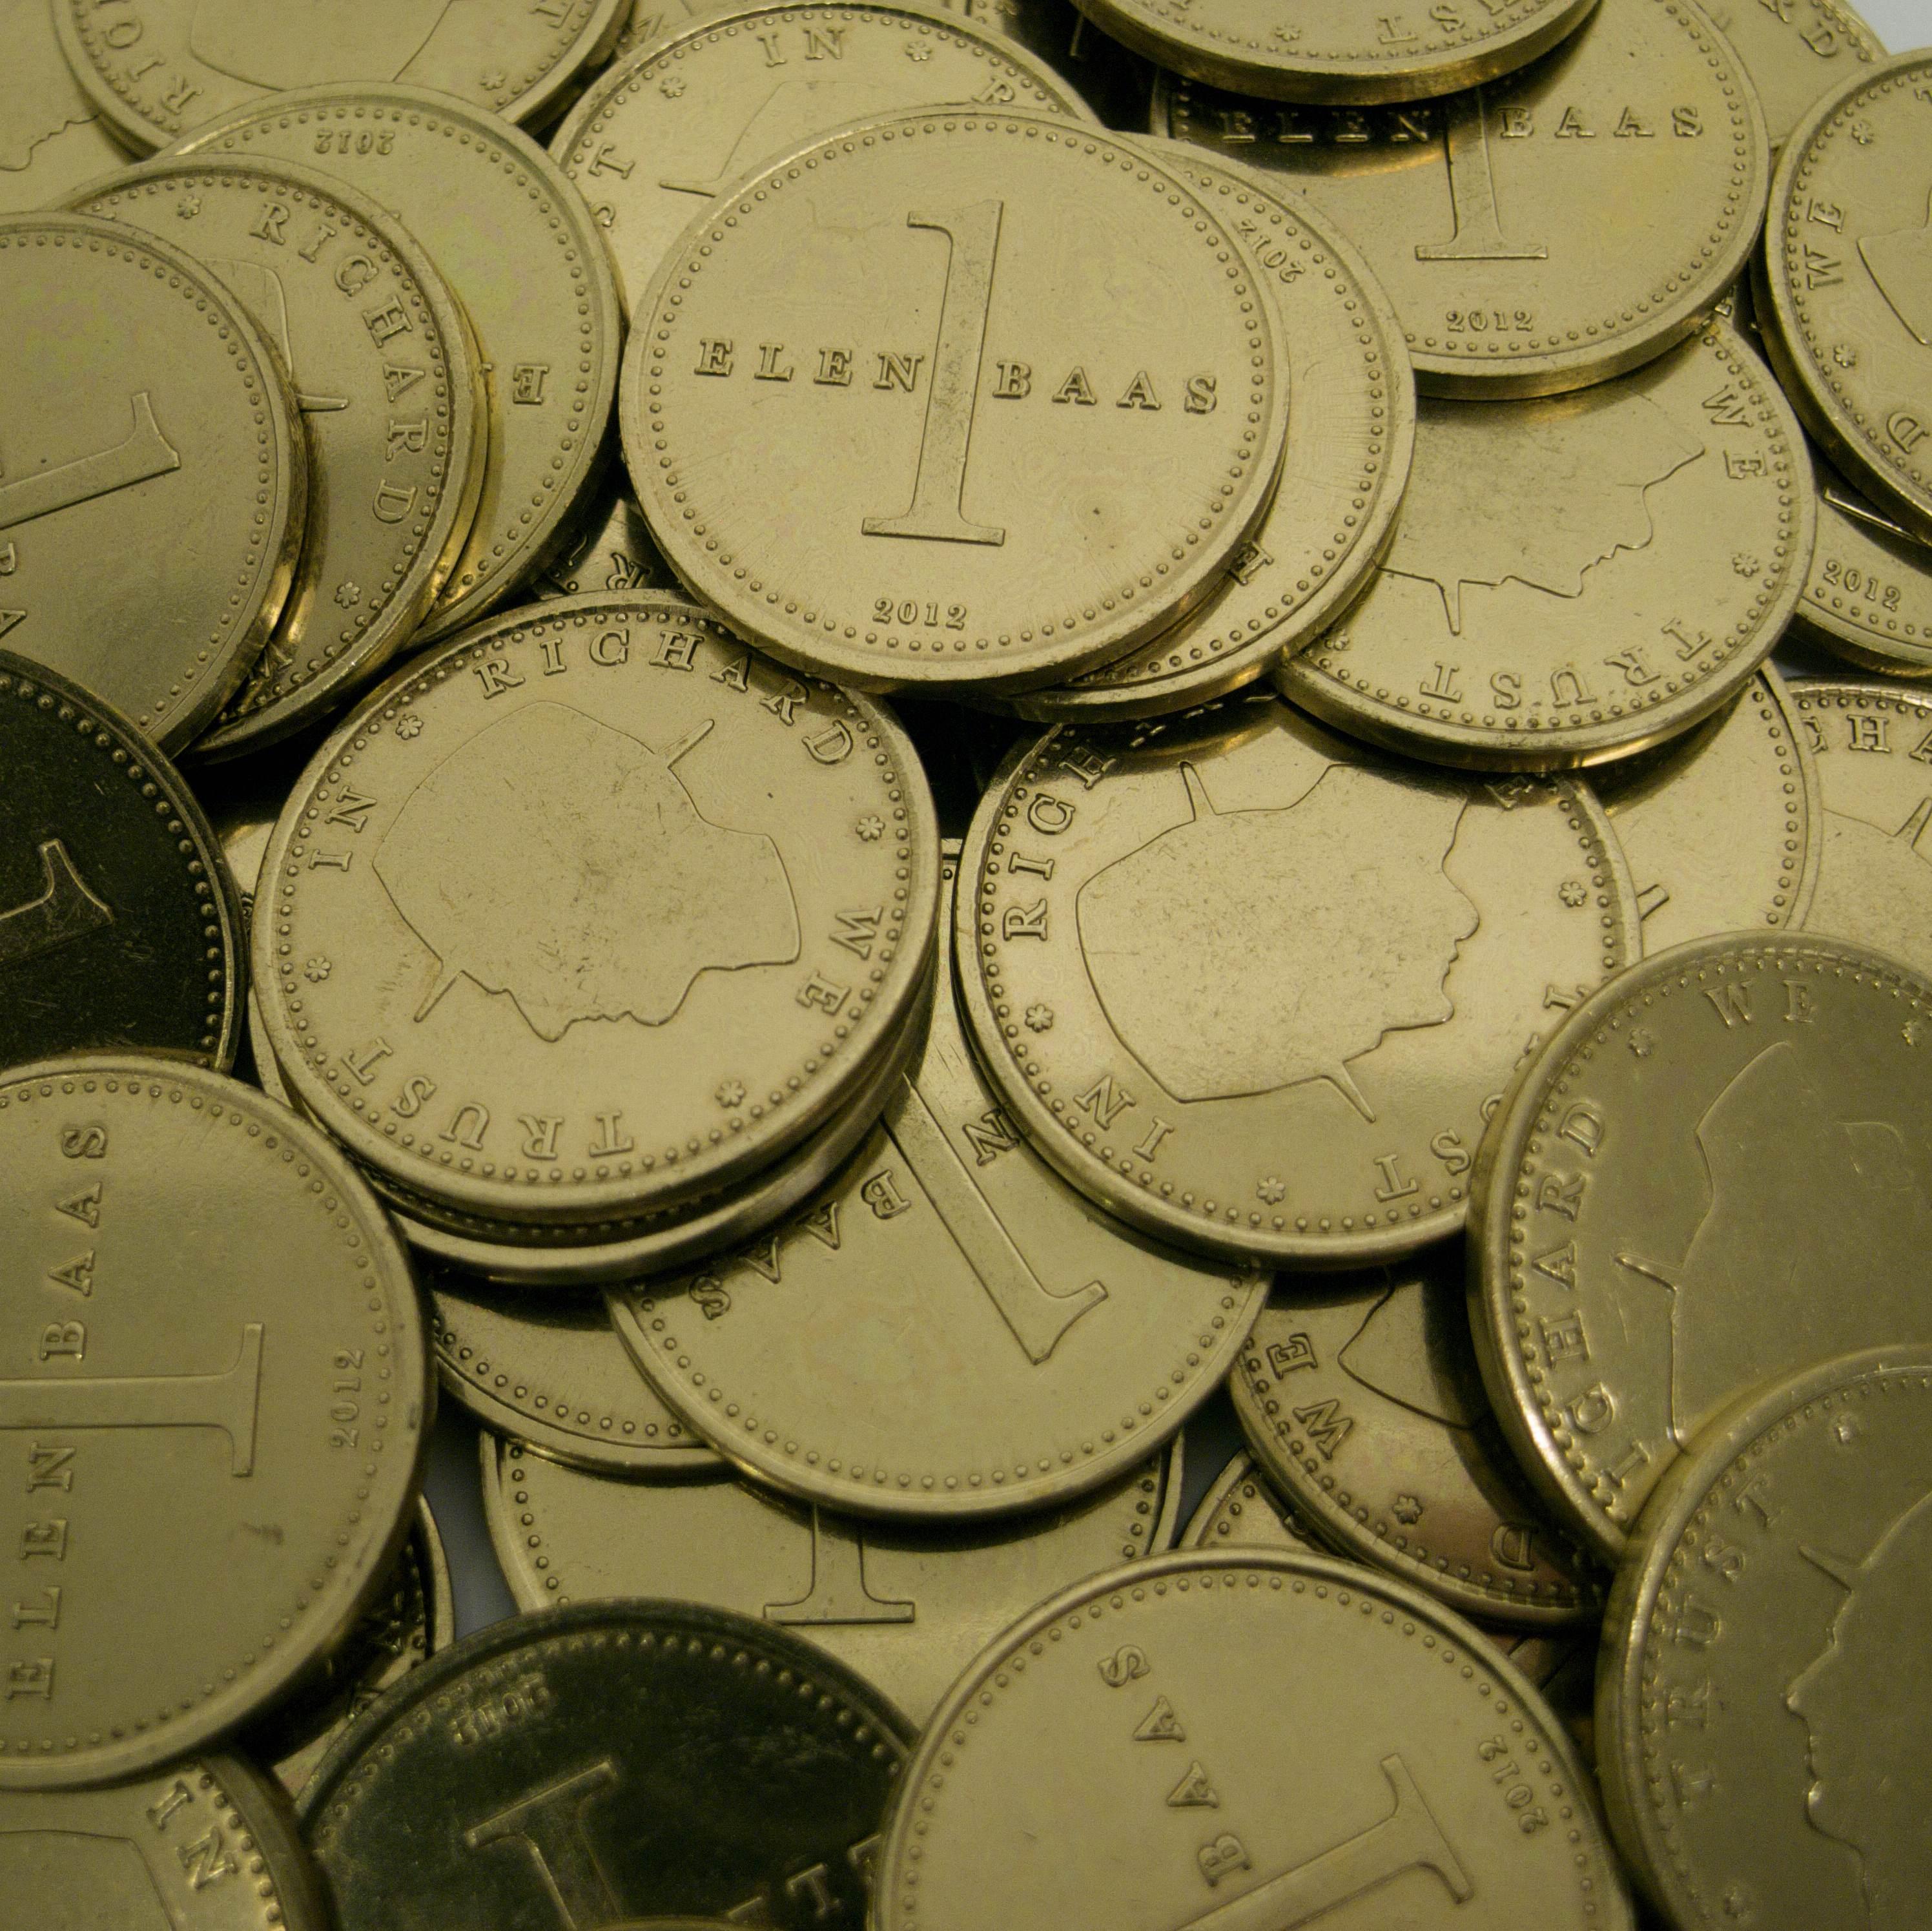 Richard Elenbaas, Elenbaas munten, 2013. Foto met dank aan Stichting Françoise van den Bosch©